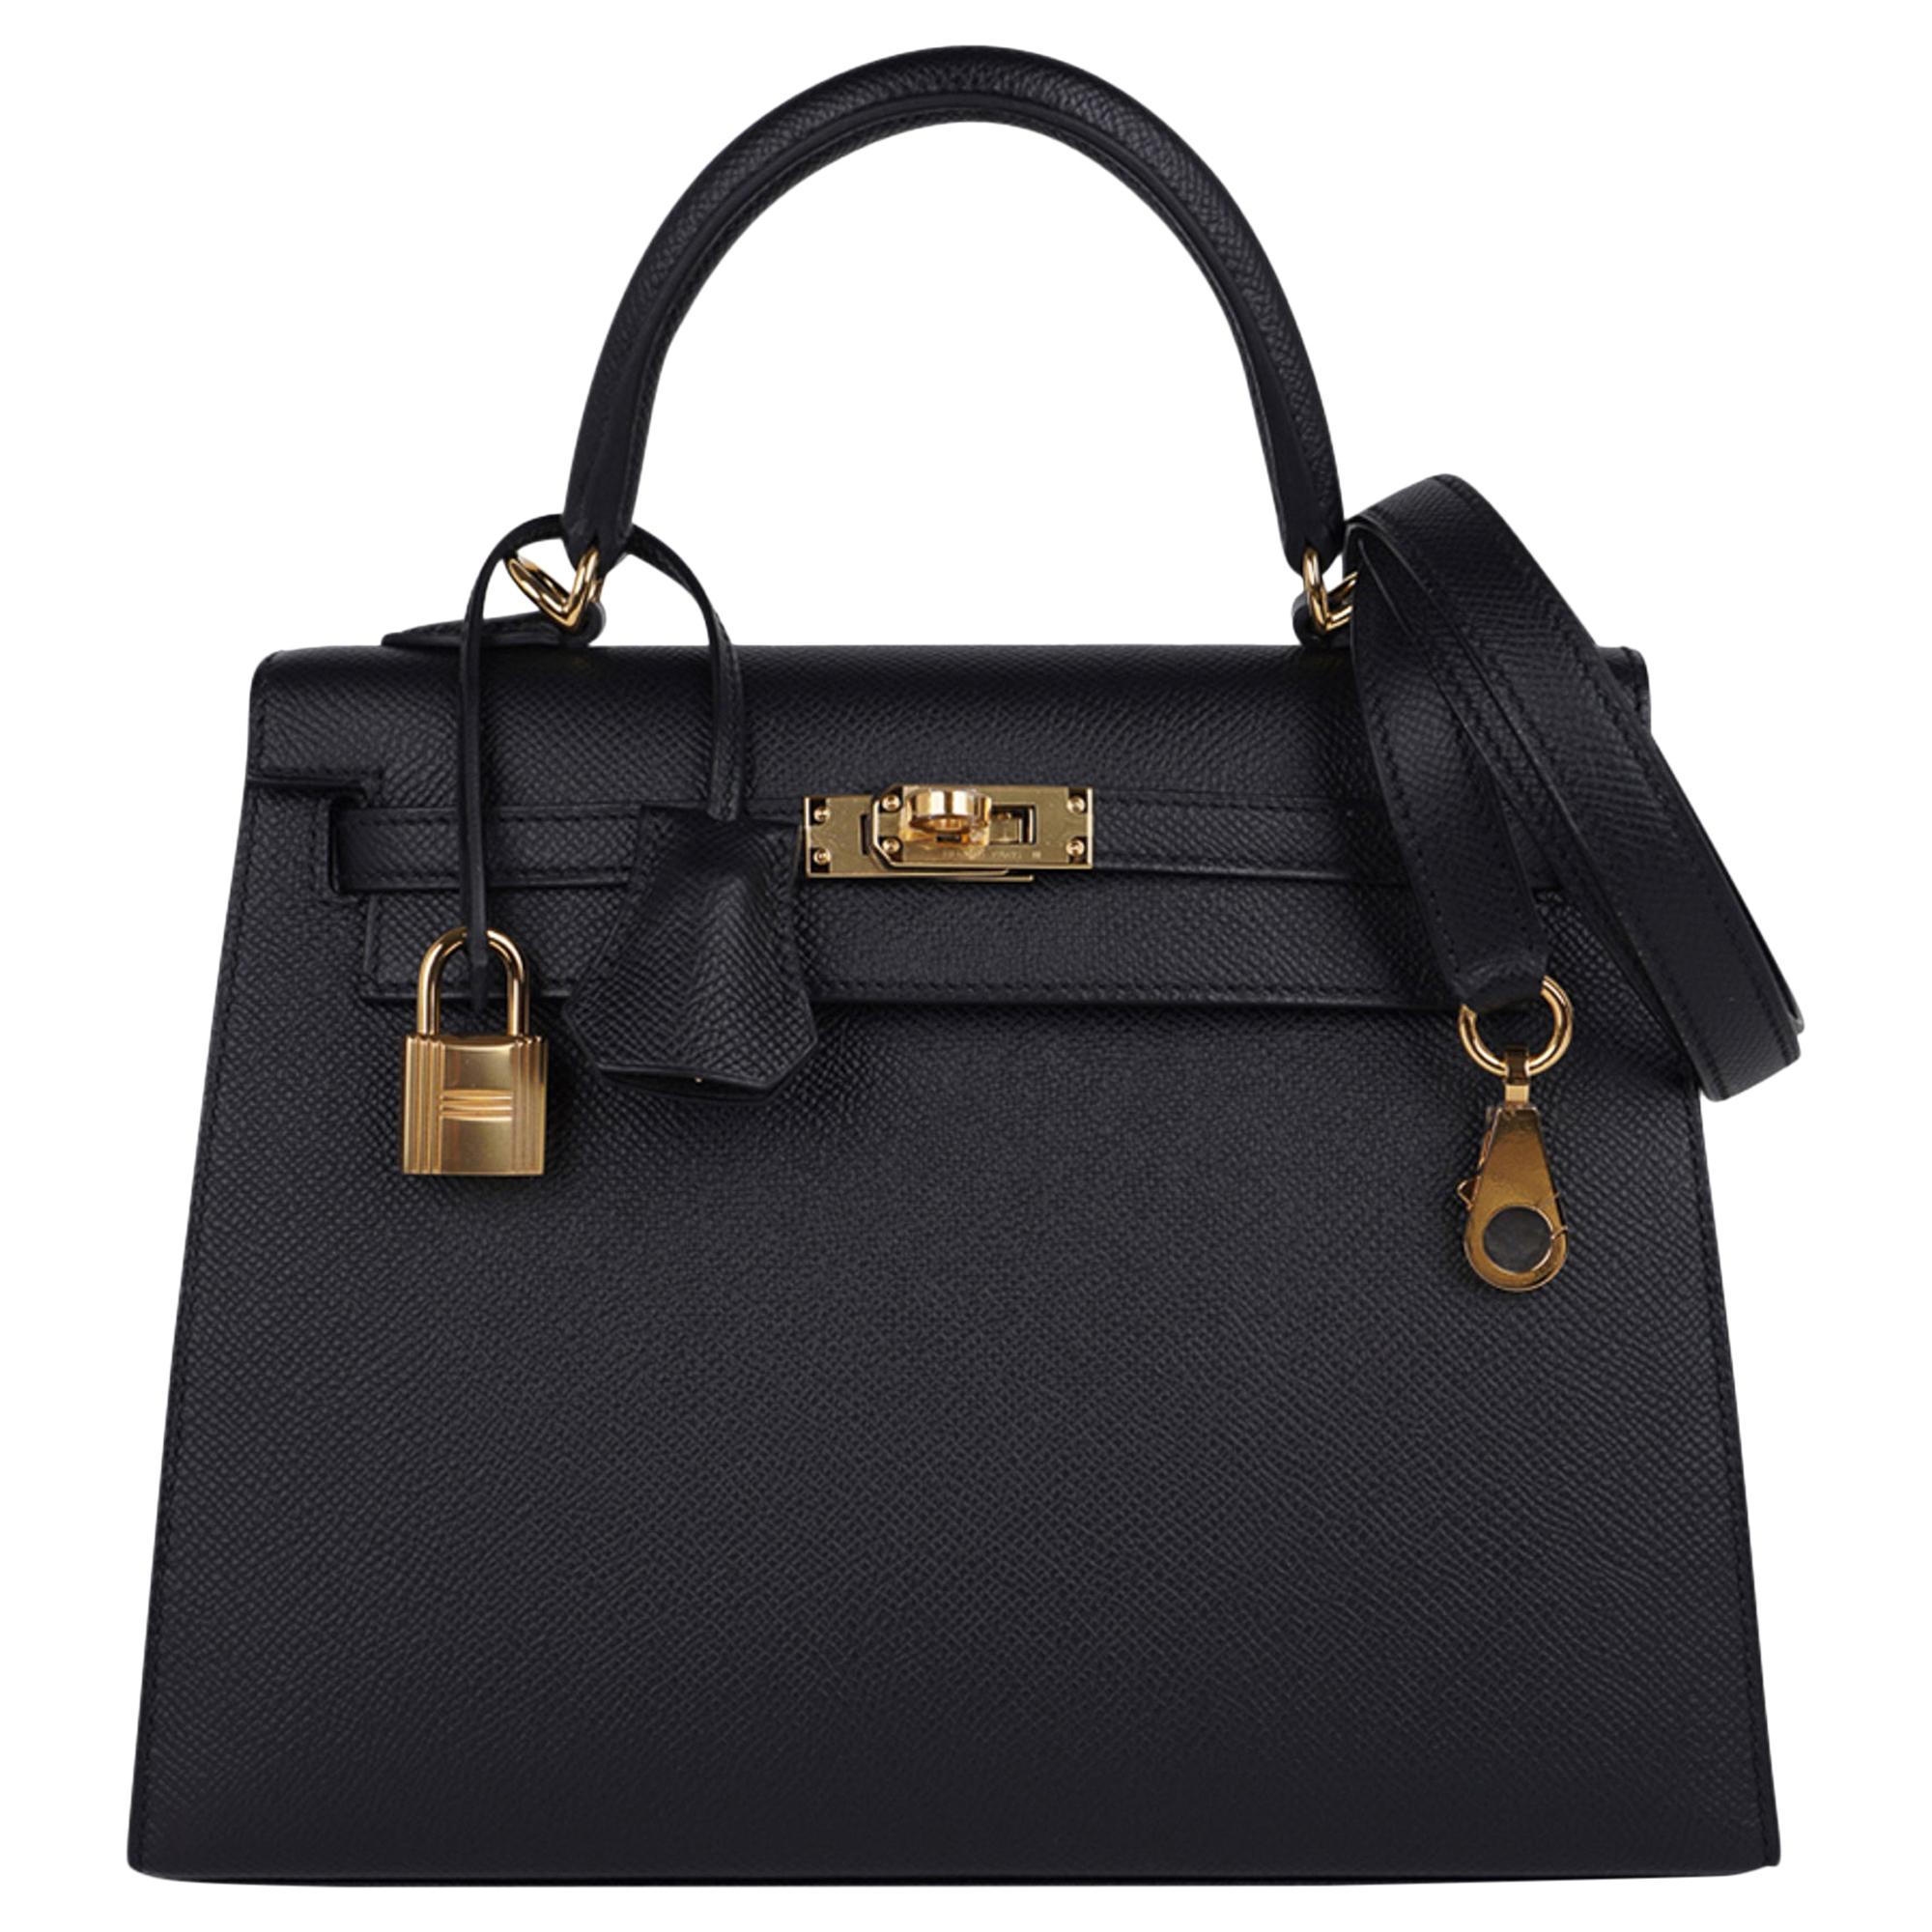 Hermes Kelly Sellier 25 Bag Black Epsom Gold Hardware New